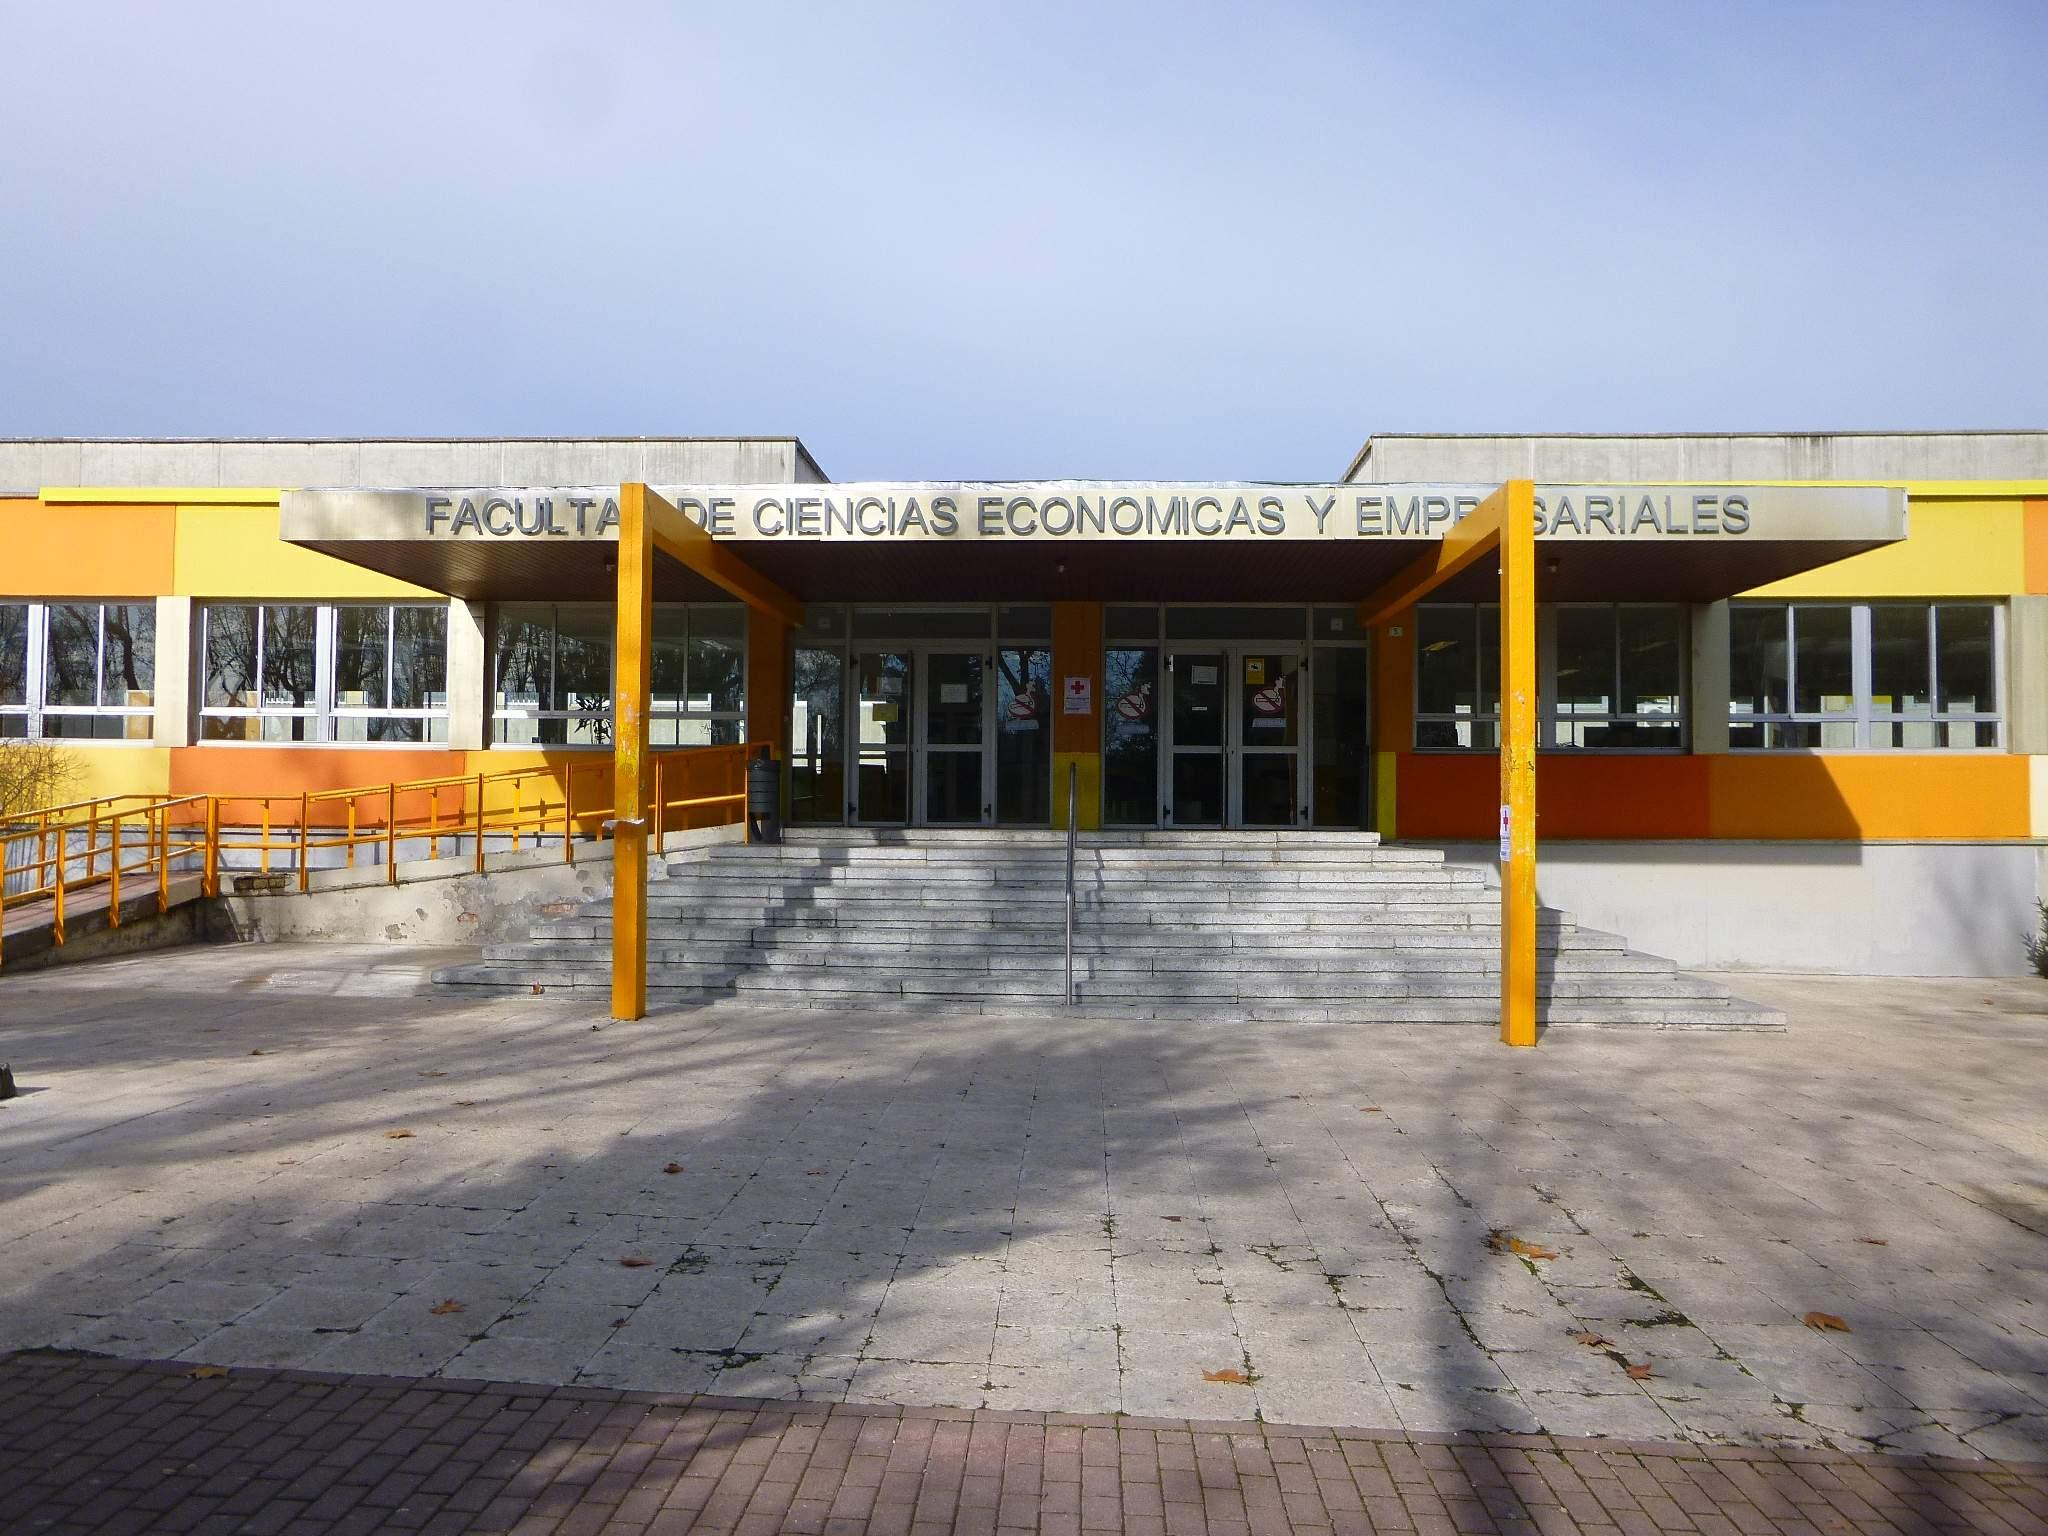 Madrid_-_Campus_de_la_Universidad_Autónoma_de_Madrid_(UAM)-Facultad_de_Ciencias_Económicas_y_Empresariales_1